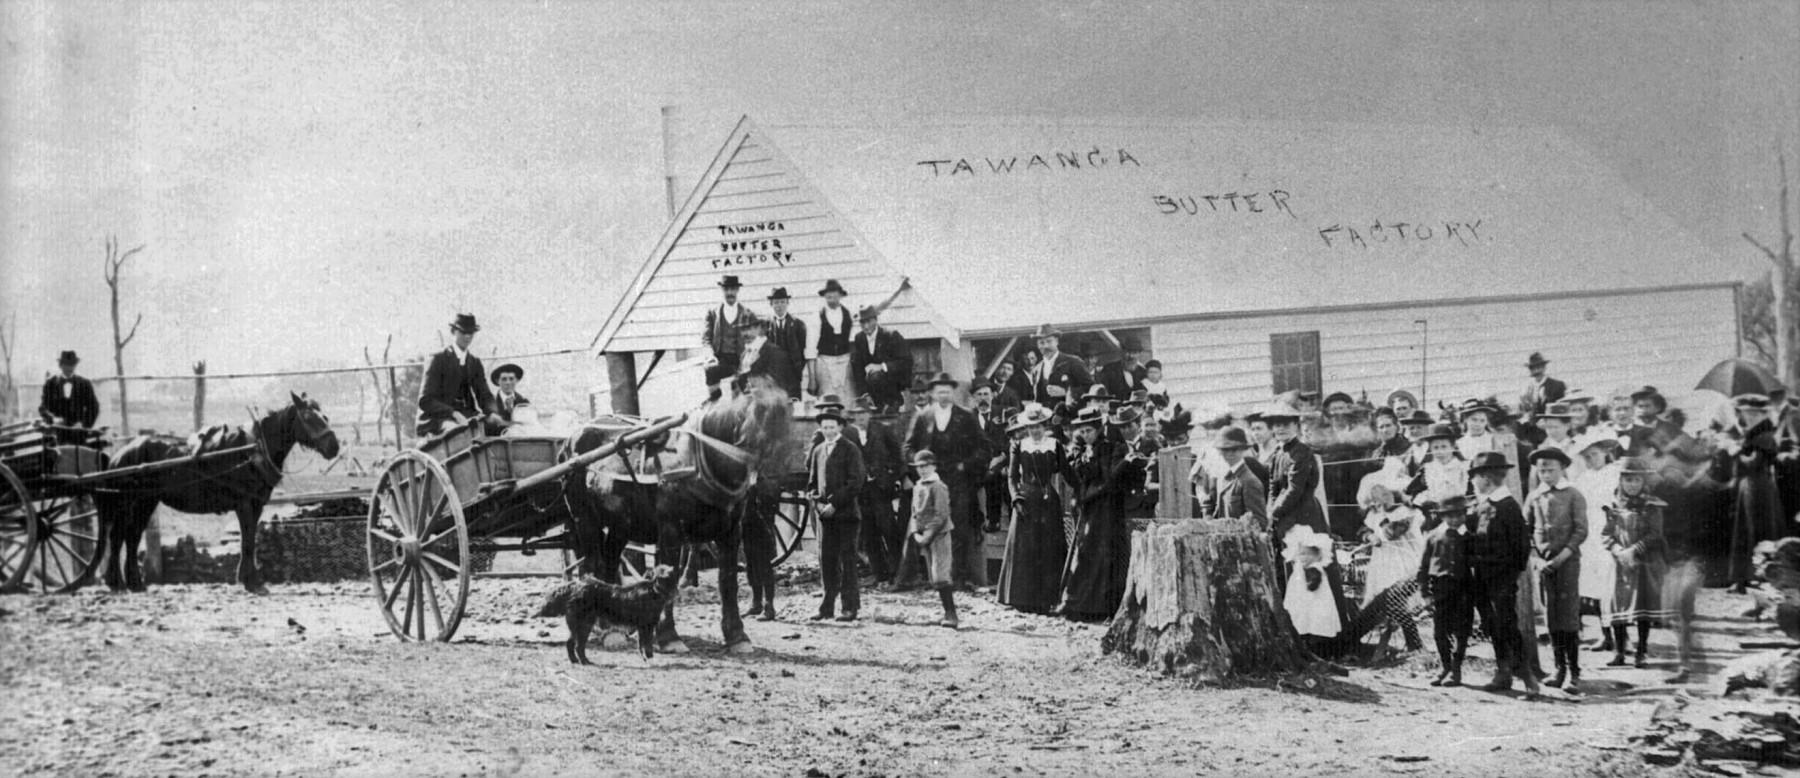 Tawonga-Butter-Factory-002